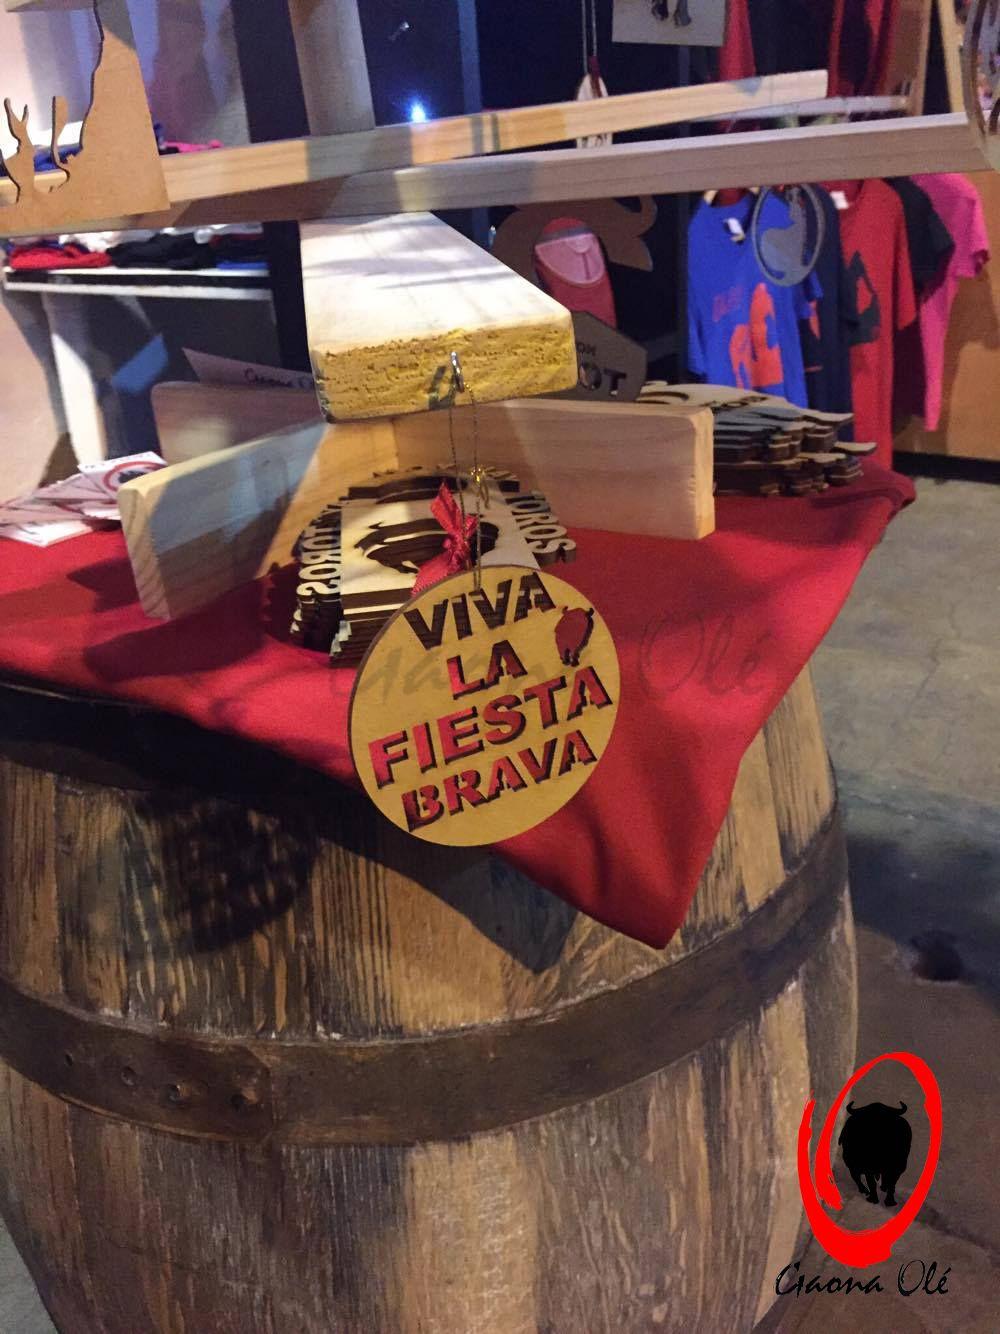 Viva La Fiesta Brava Toros Toreros Picador Banderilleros Son  # Muebles De Campo Gaona